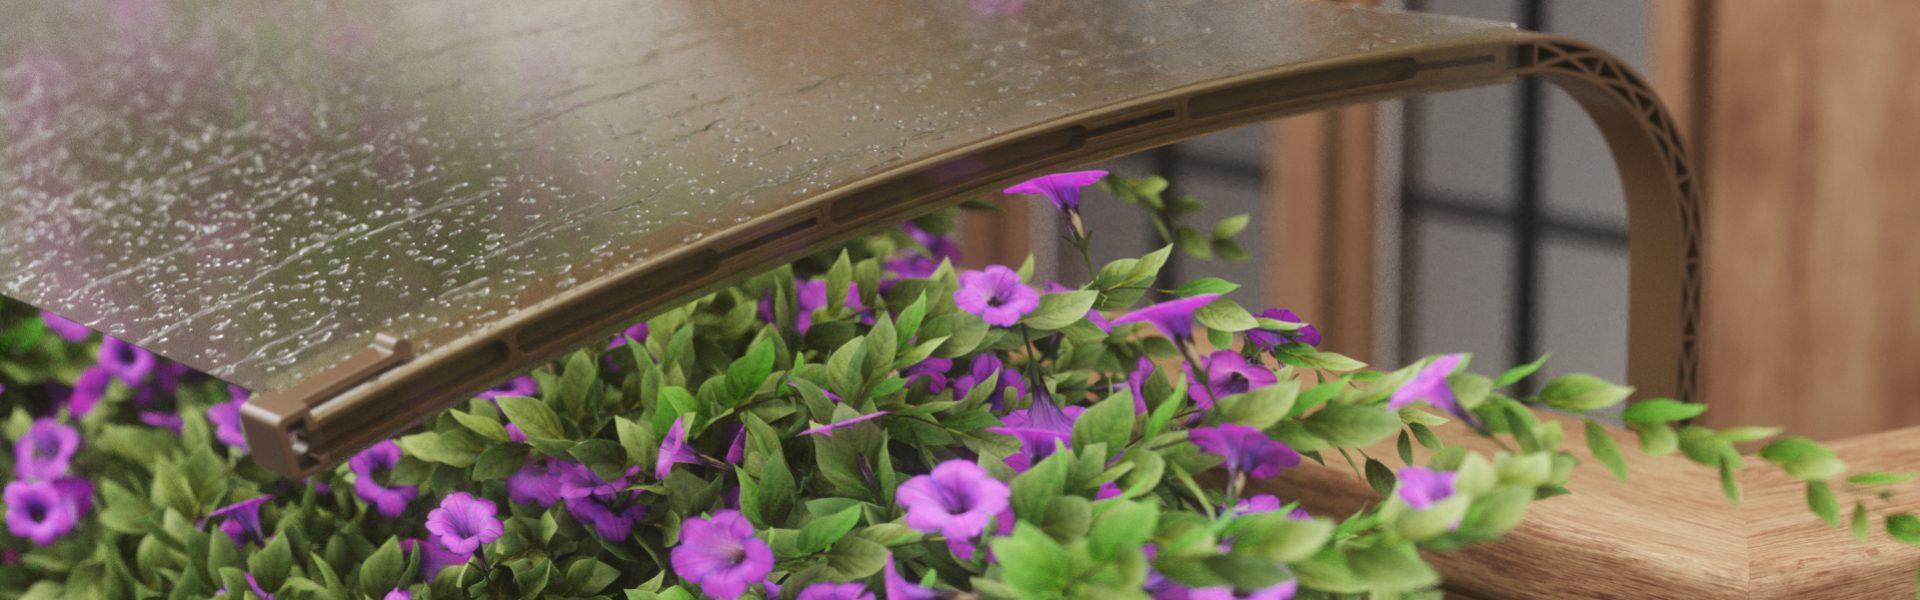 Copertura per fiori e stendibiancheria da balcone